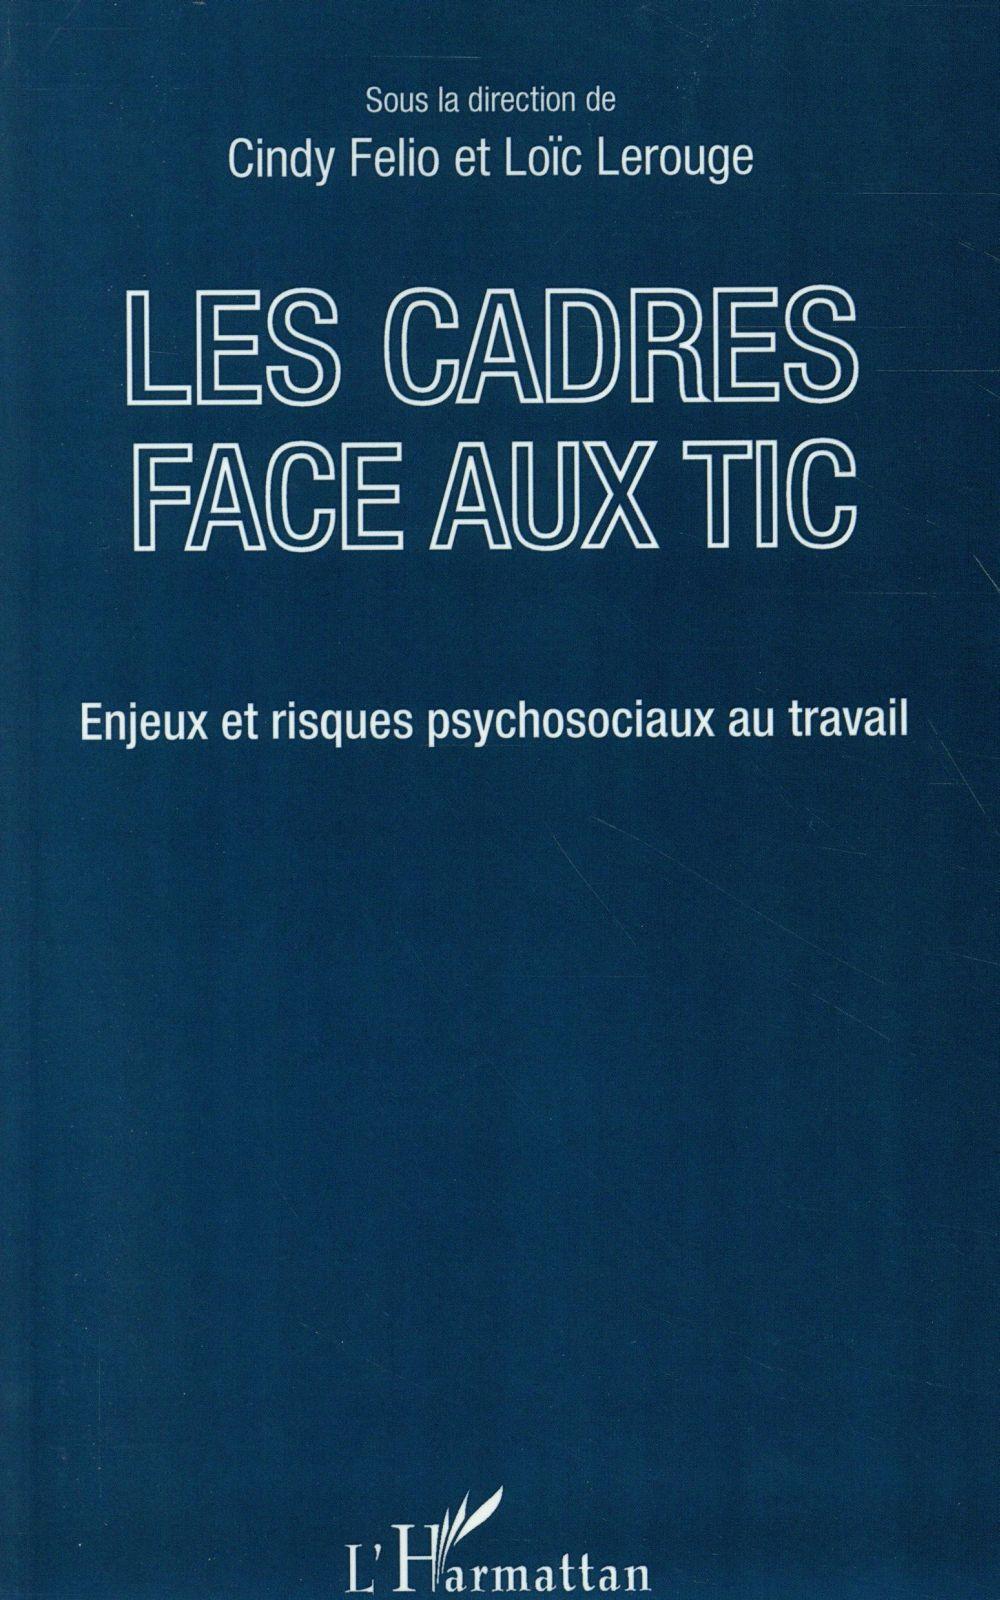 LES CADRES FACE AUX TIC - ENJEUX ET RISQUES PSYCHOSOCIAUX AU TRAVAIL